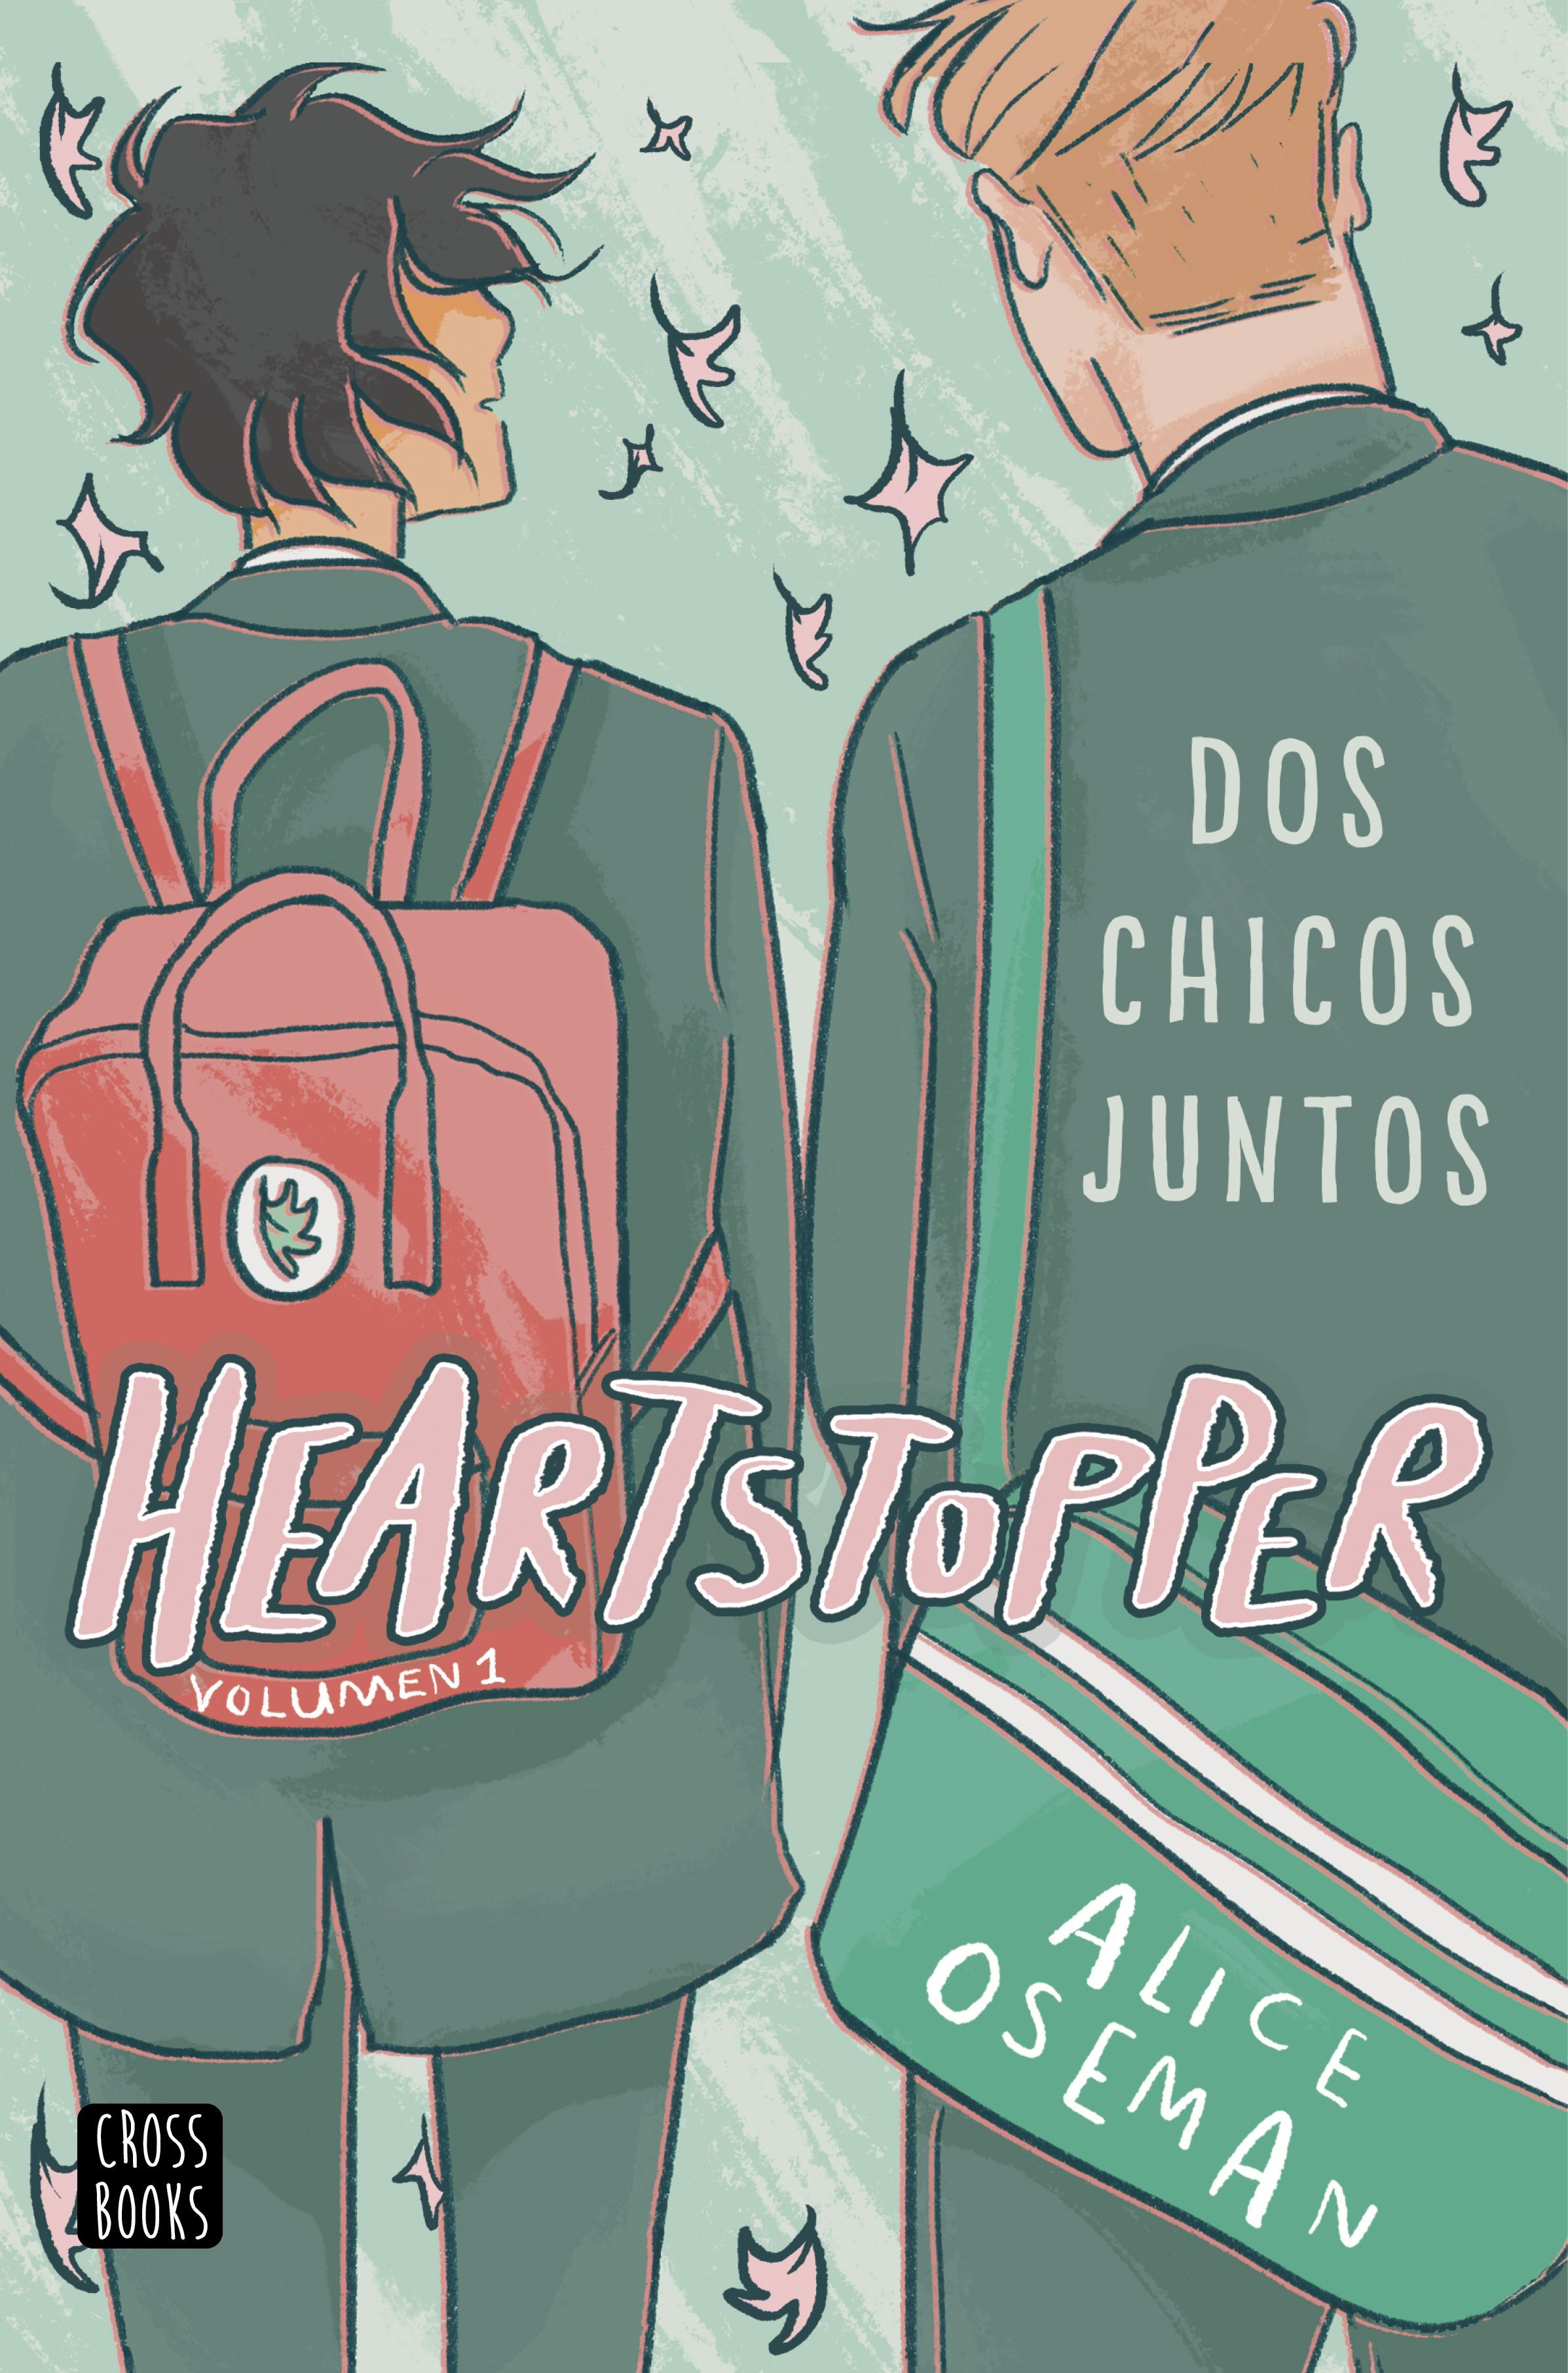 HEARTSTOPPER 1 DOS CHICOS JUNTOS